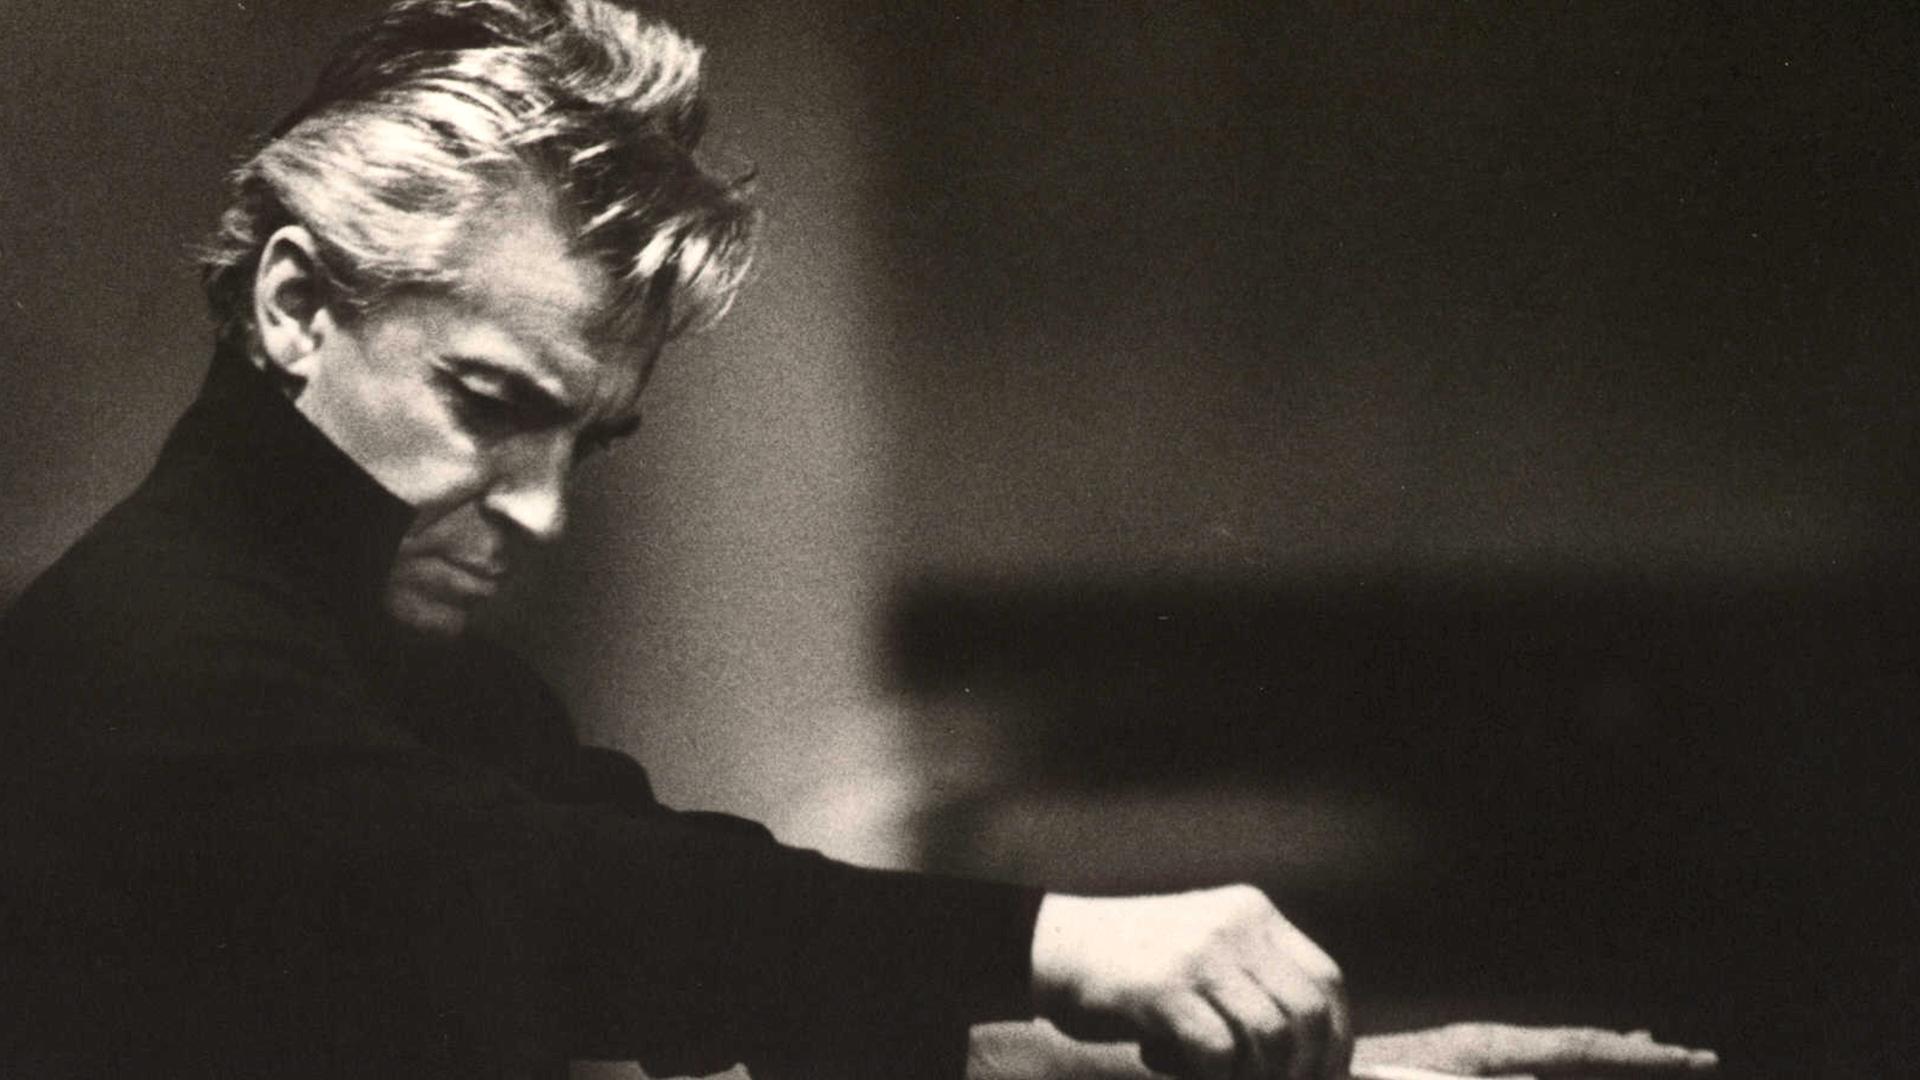 Herbert von Karajan dirige Ainsi parlait Zarathoustra de Strauss